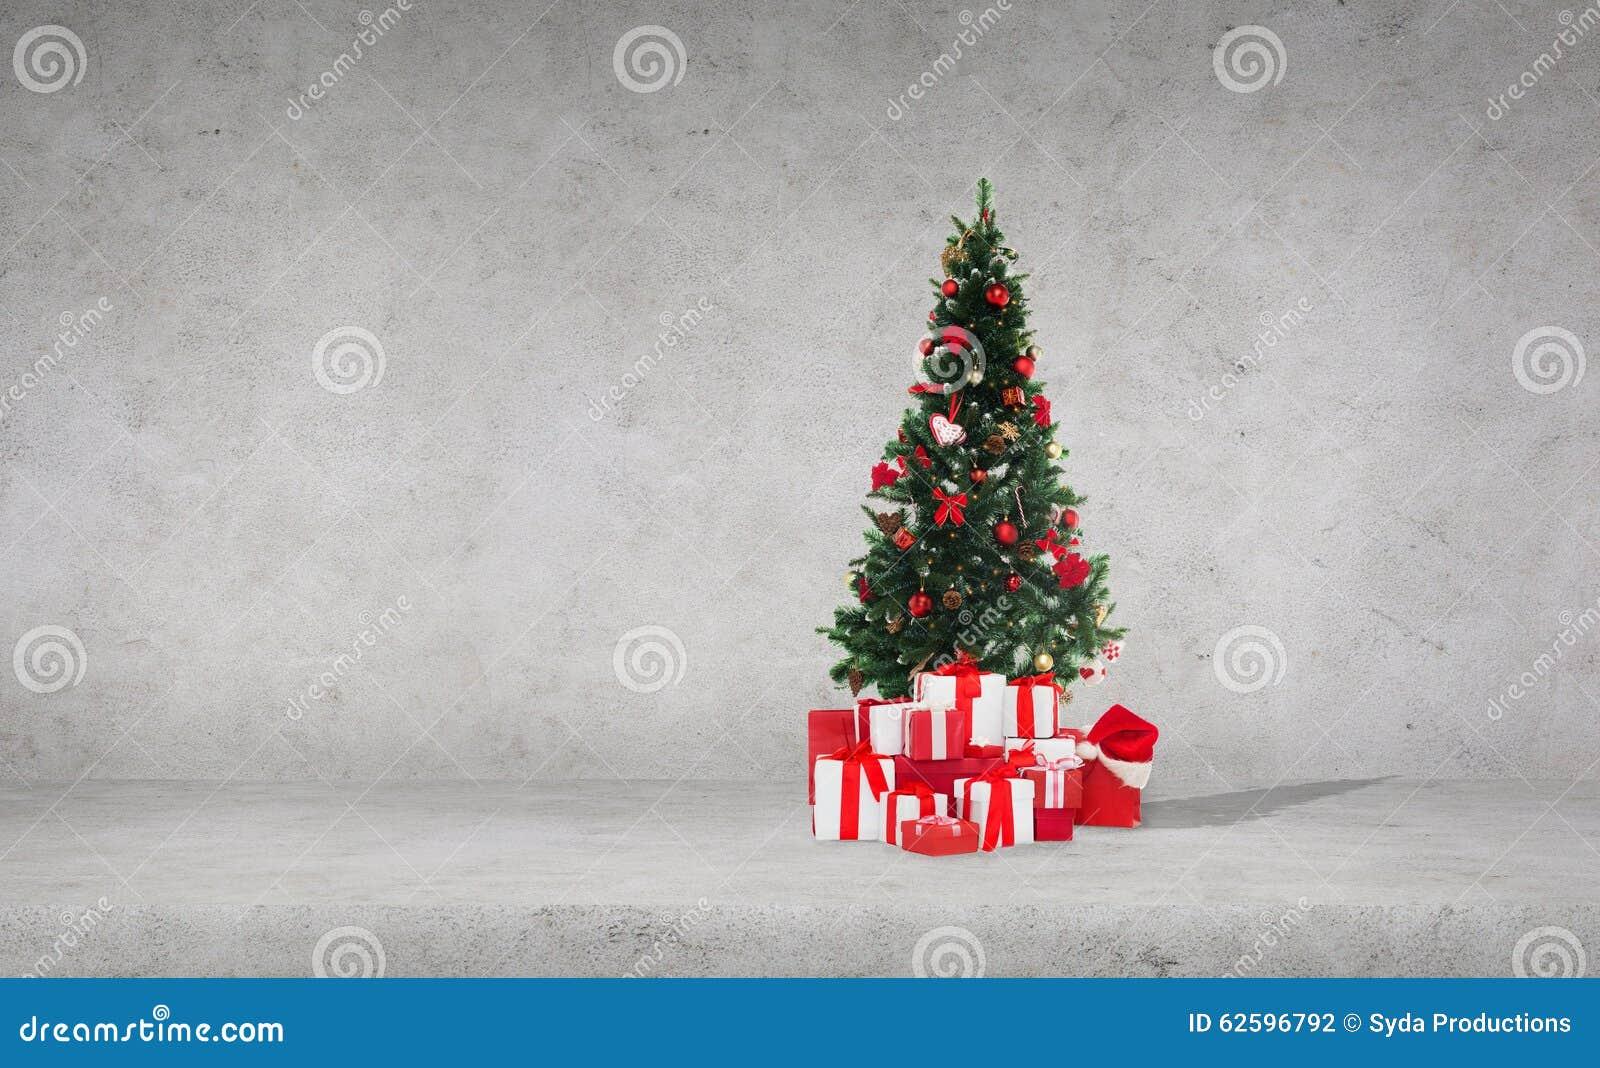 Rbol de navidad con los regalos sobre el muro de cemento - Arbol de navidad con regalos ...